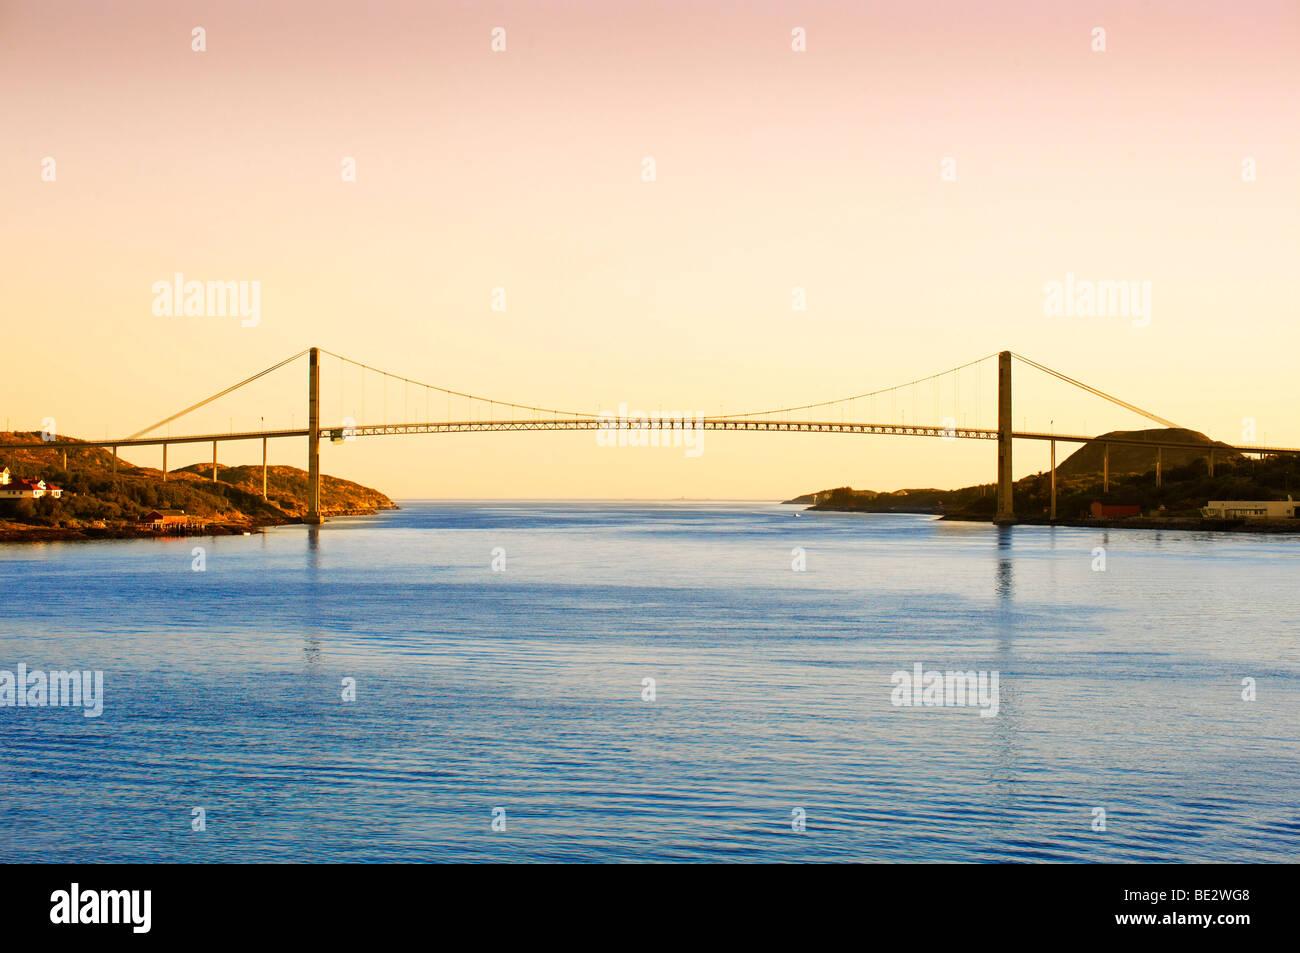 Bridge across Naeroysund, Rorvik, Norway, Scandinavia, Europe - Stock Image